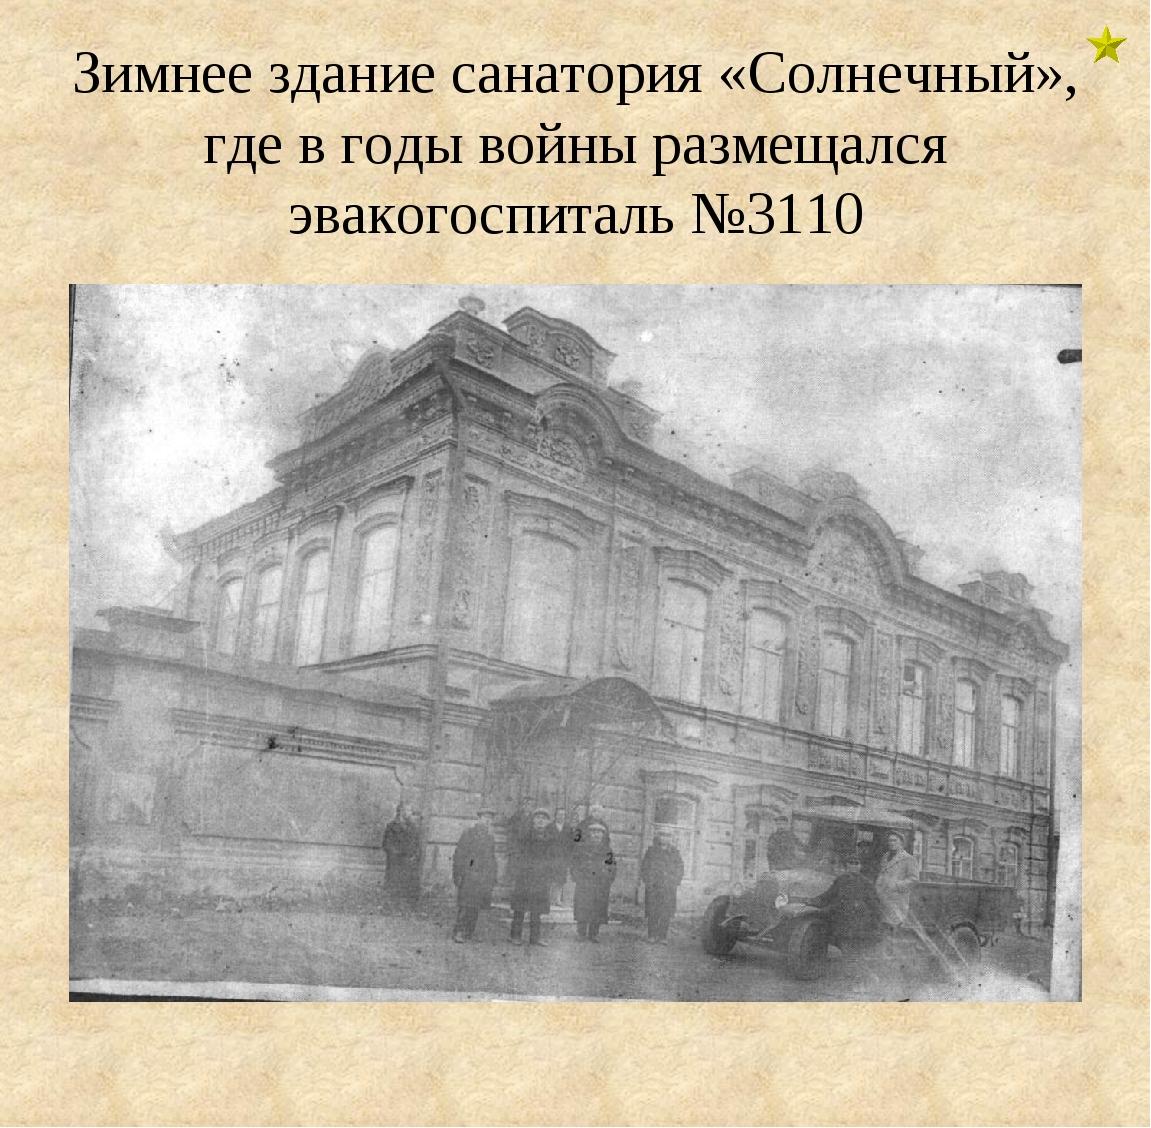 Зимнее здание санатория «Солнечный», где в годы войны размещался эвакогоспита...